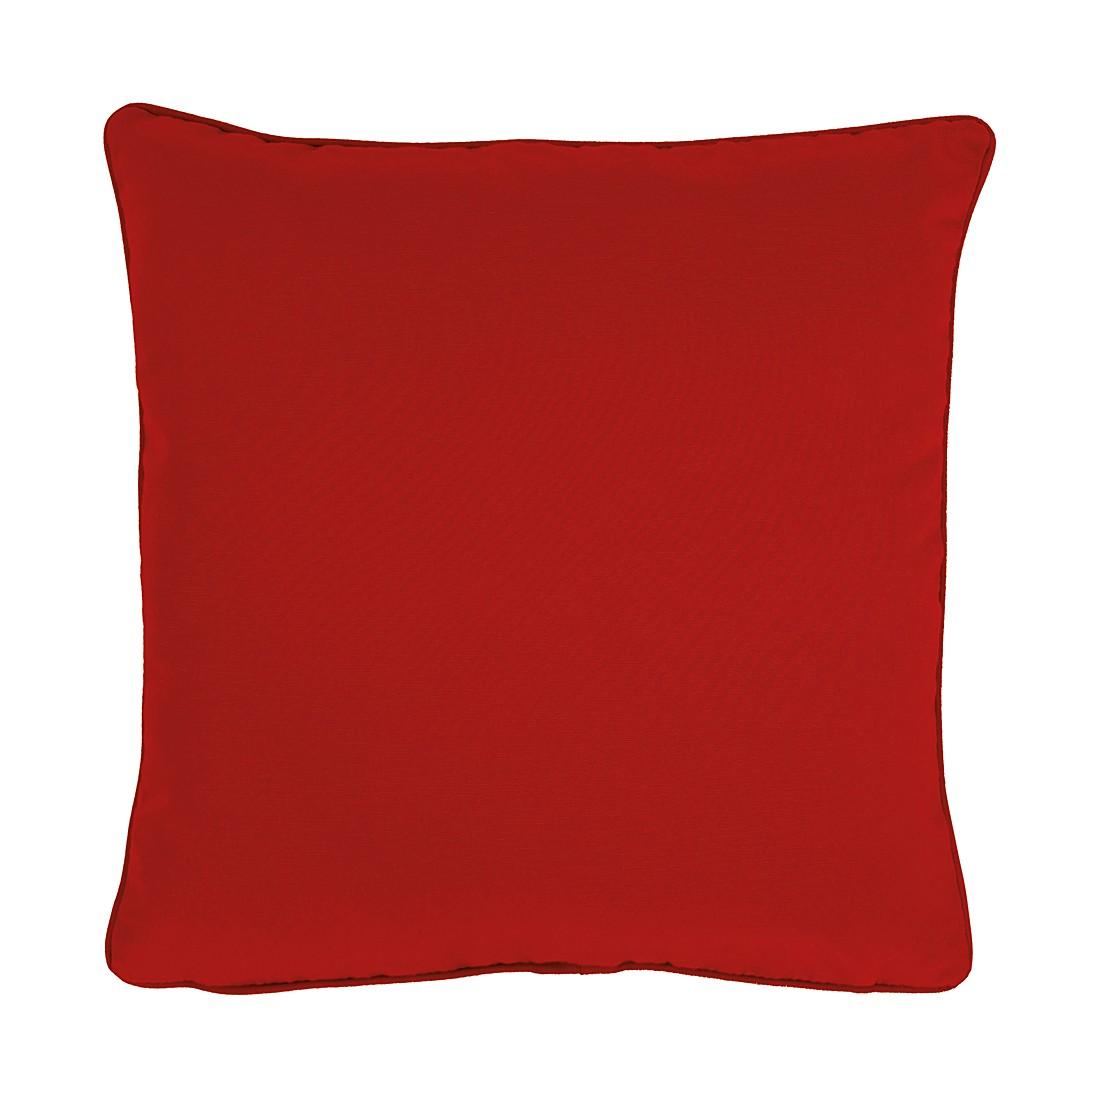 Home 24 - Housse de coussin tizian - rouge rubis - 46 x 46 cm, apelt